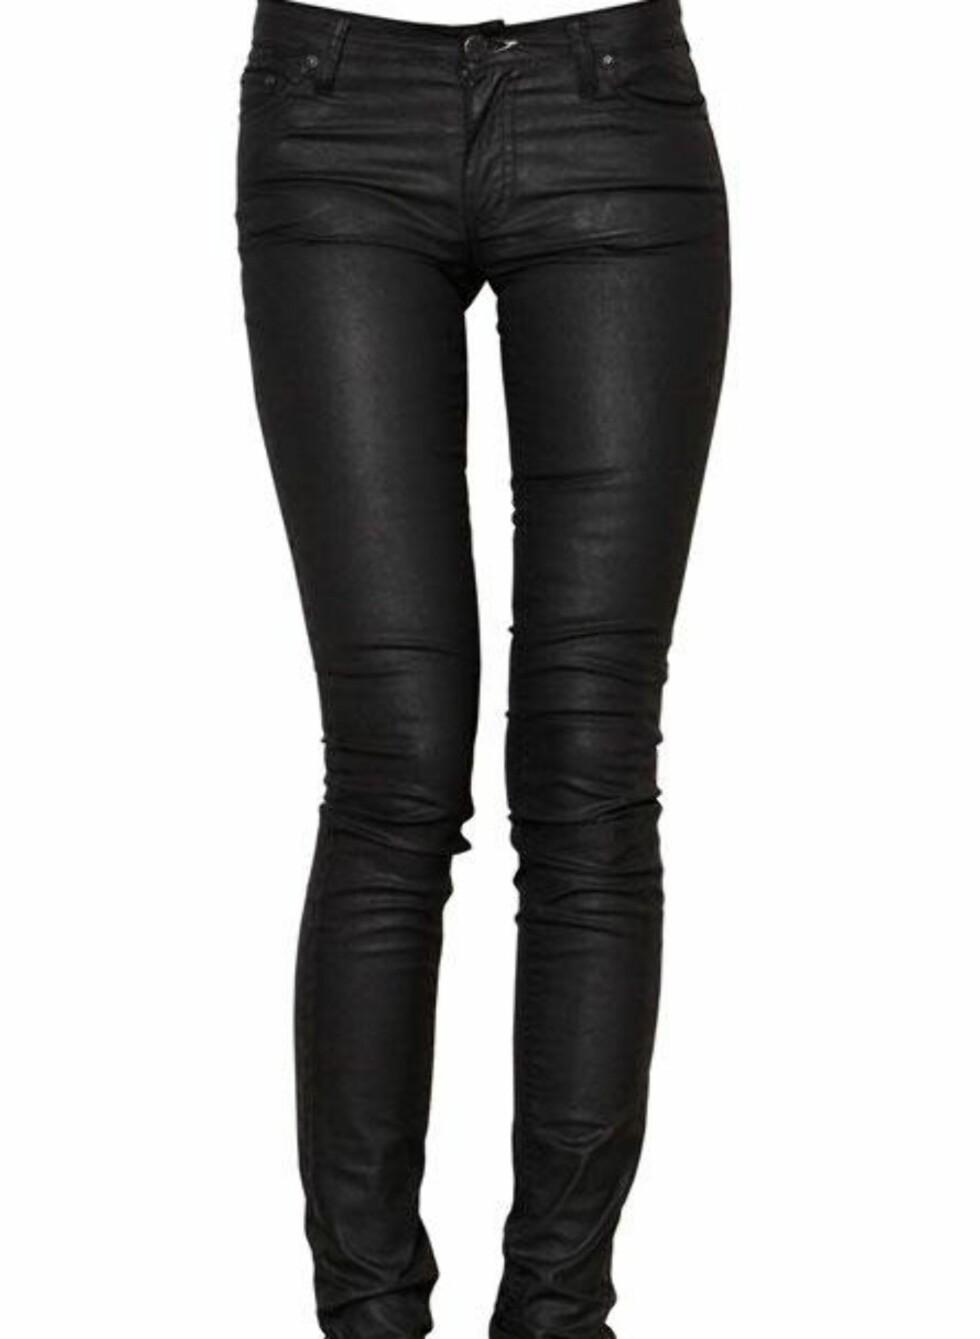 SPAR 480 KRONER: Svarte smale jeans (kr 1120, Acne/Fashionmixology.no).